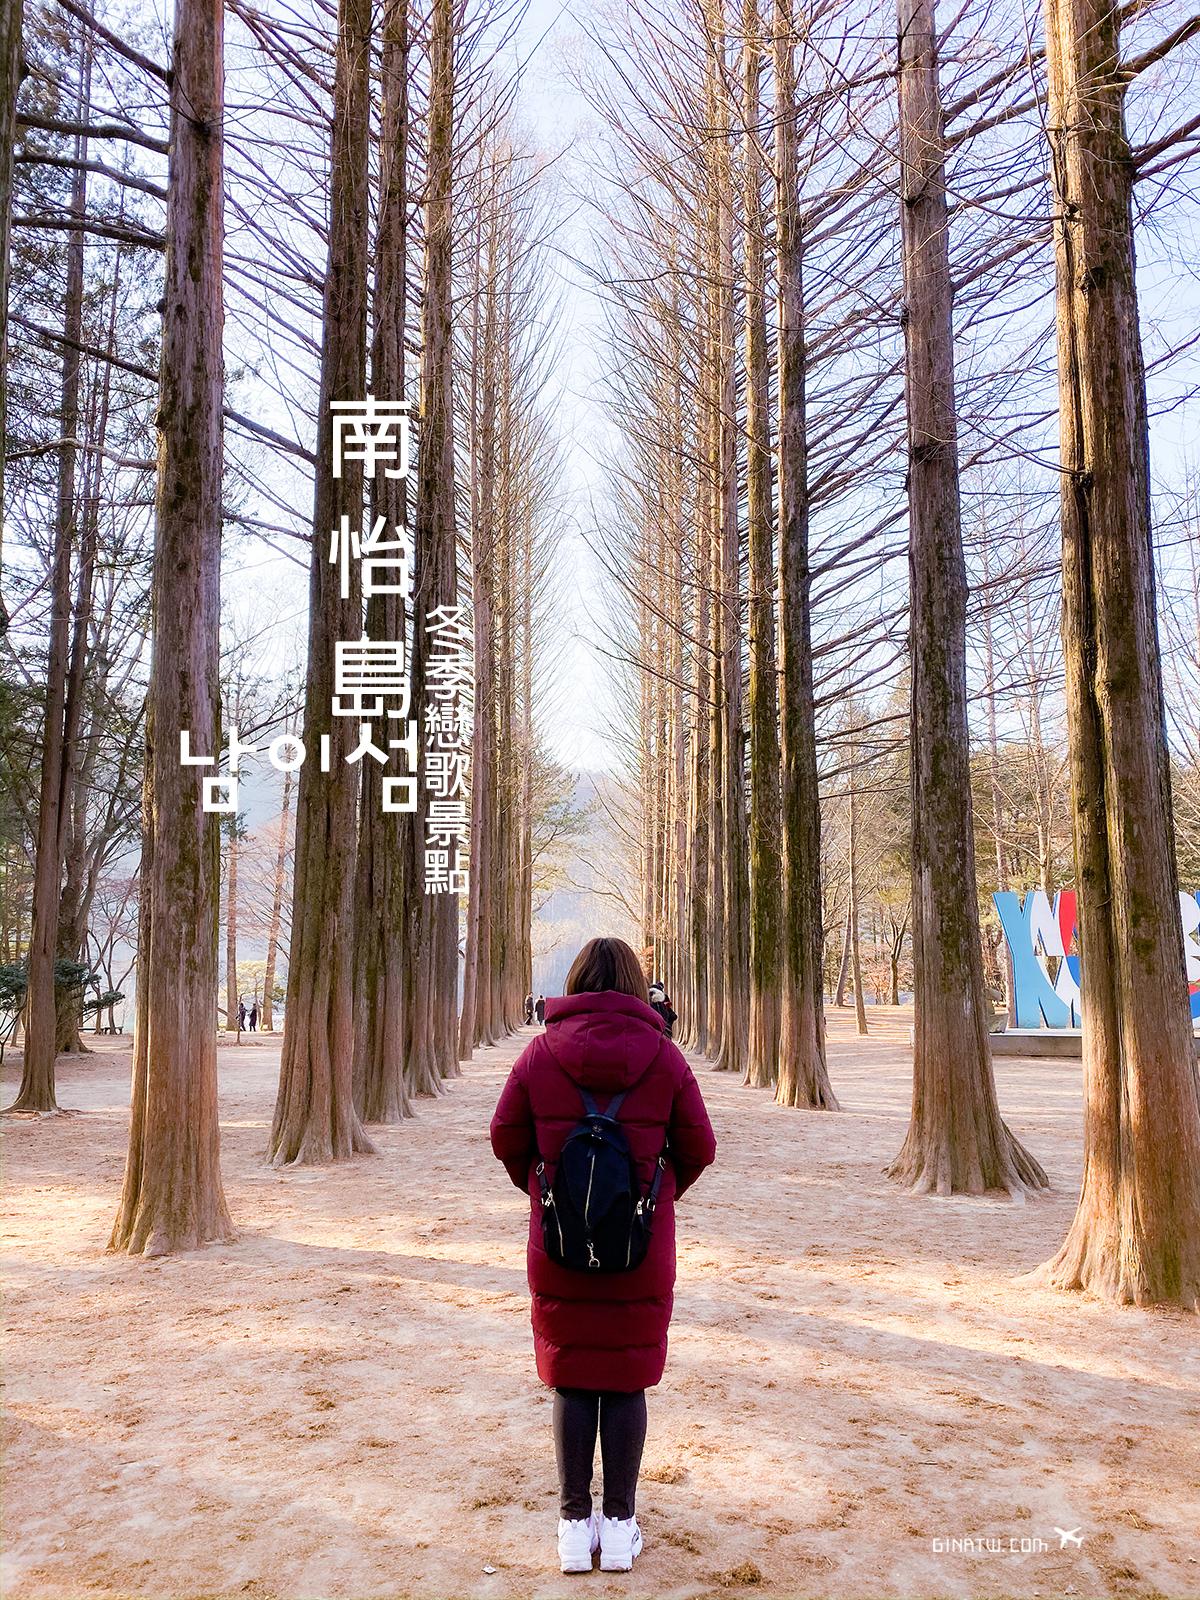 【南怡島自由行】2020韓劇一日遊《冬季戀歌》拍攝景點、交通、搭船、高空滑索入島、島內小火車、腳踏車租借、設施體驗、表演活動 @GINA環球旅行生活|不會韓文也可以去韓國 🇹🇼